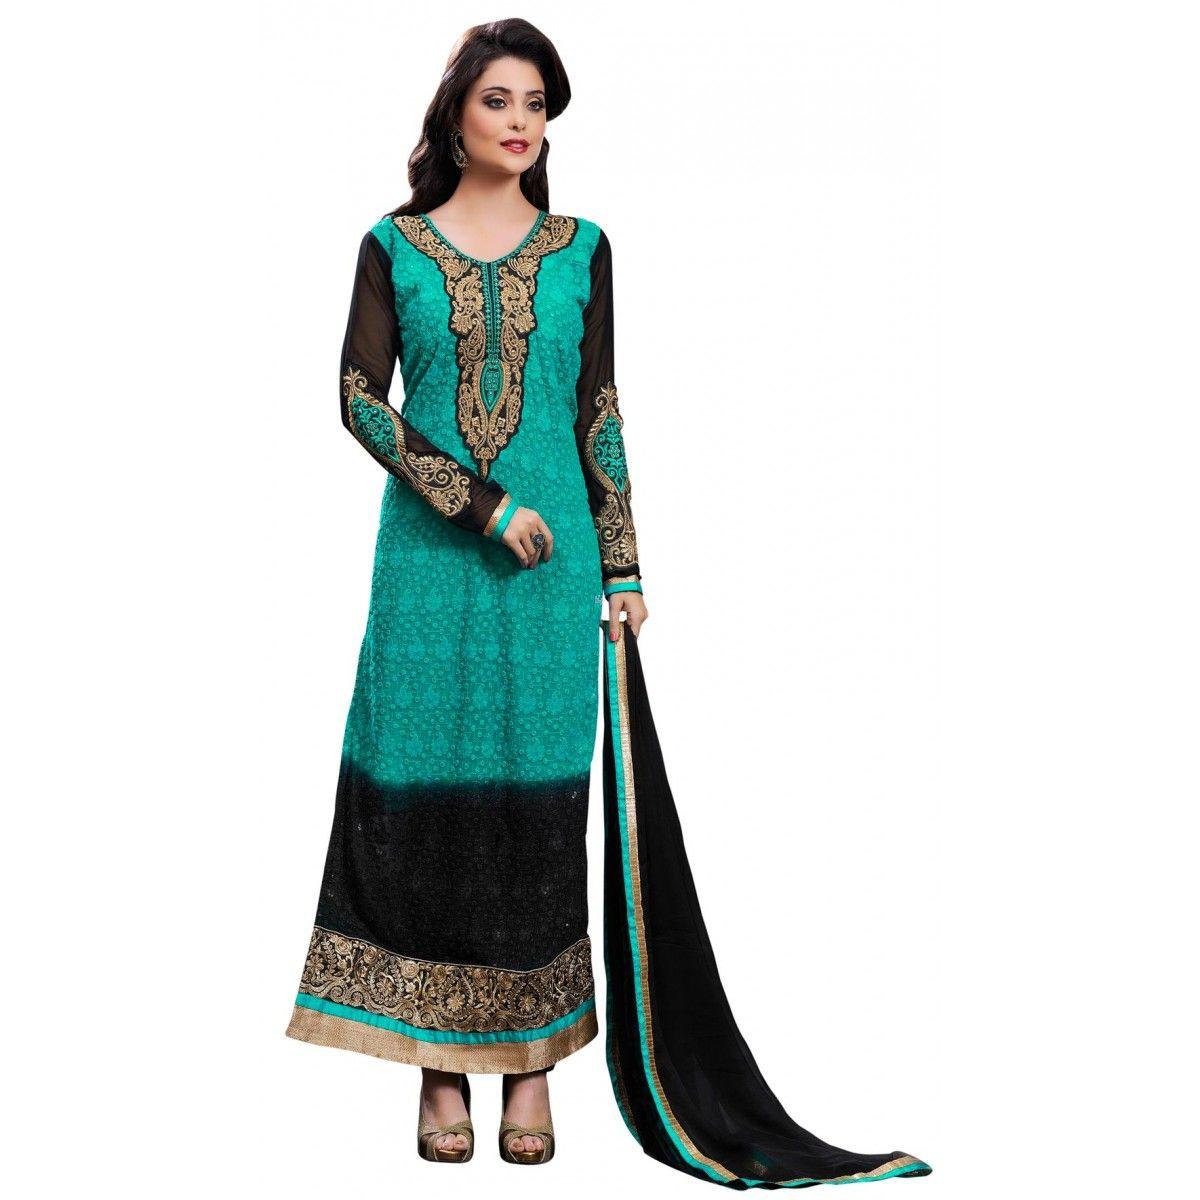 Green and Black Georgette #PartyWear #Churidar #Kameez - $39.06